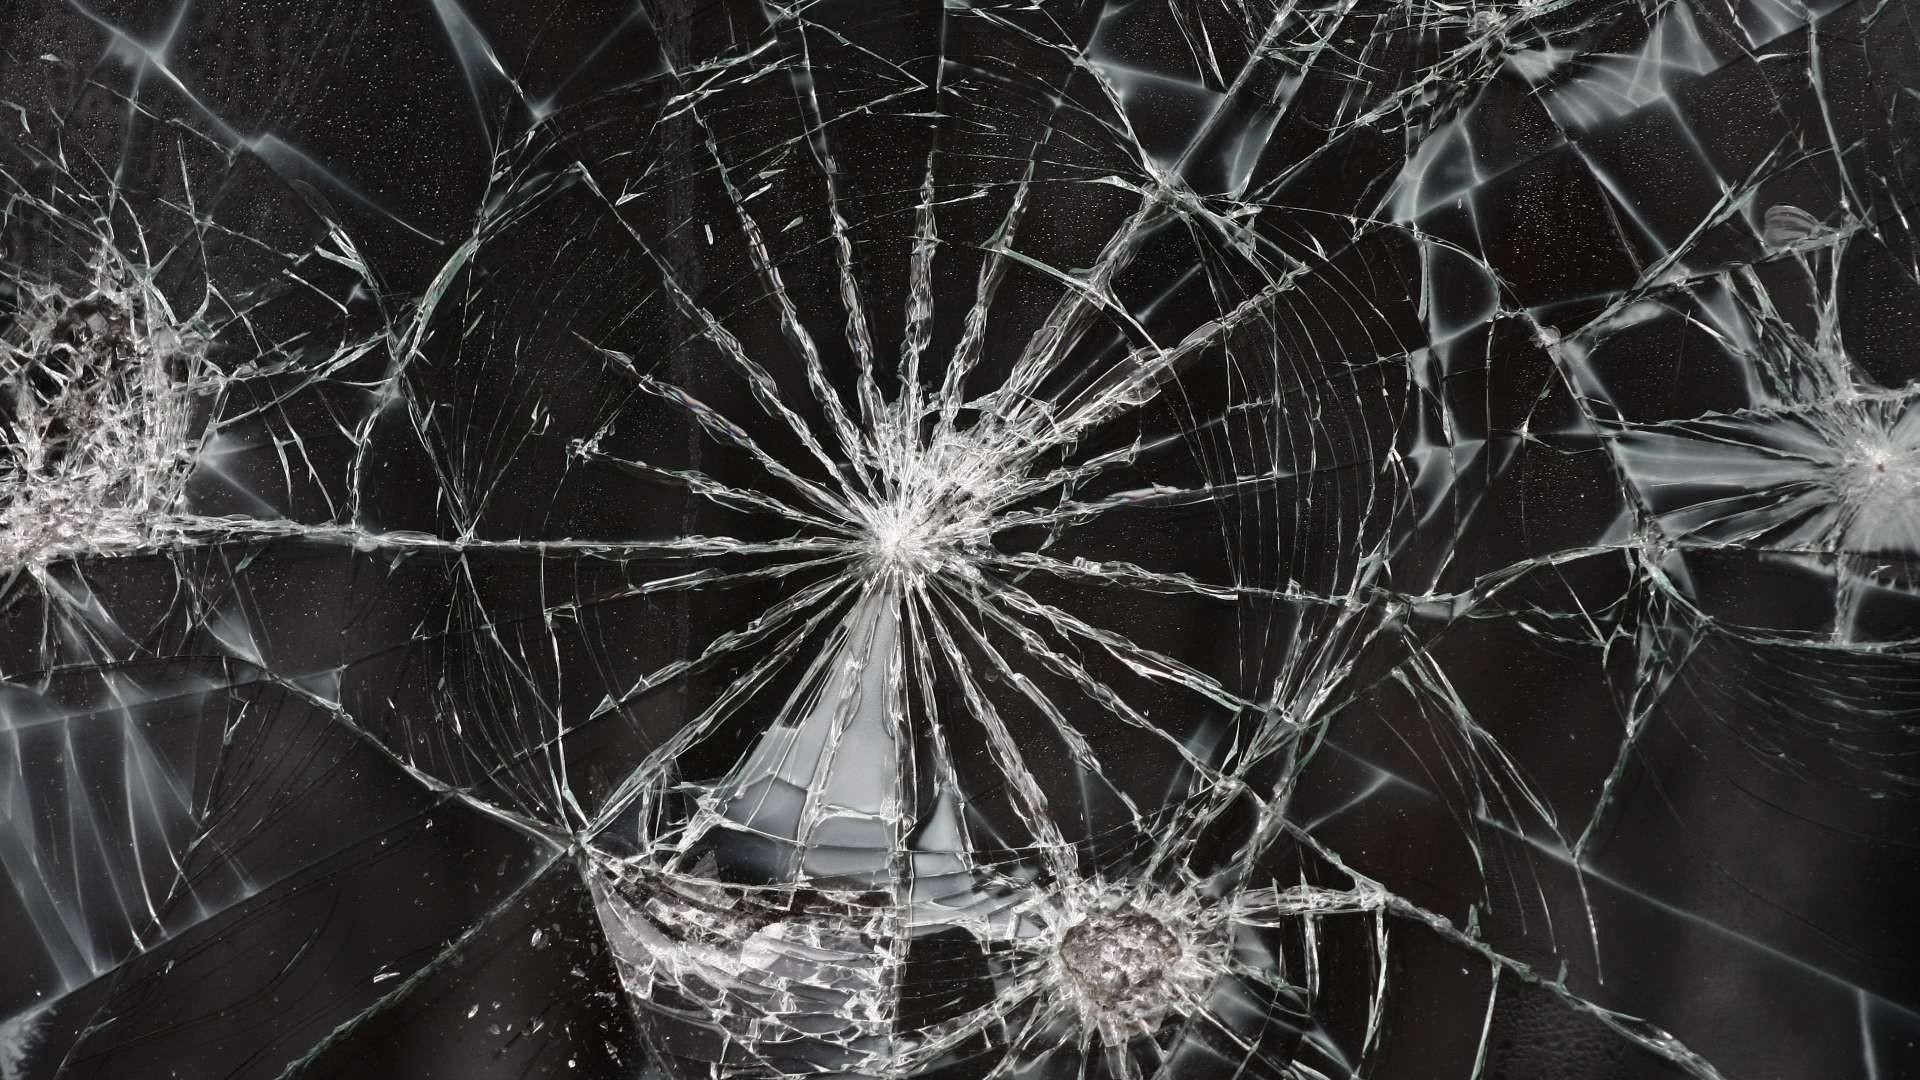 Broken TV Screen Wallpaper – WallpaperSafari